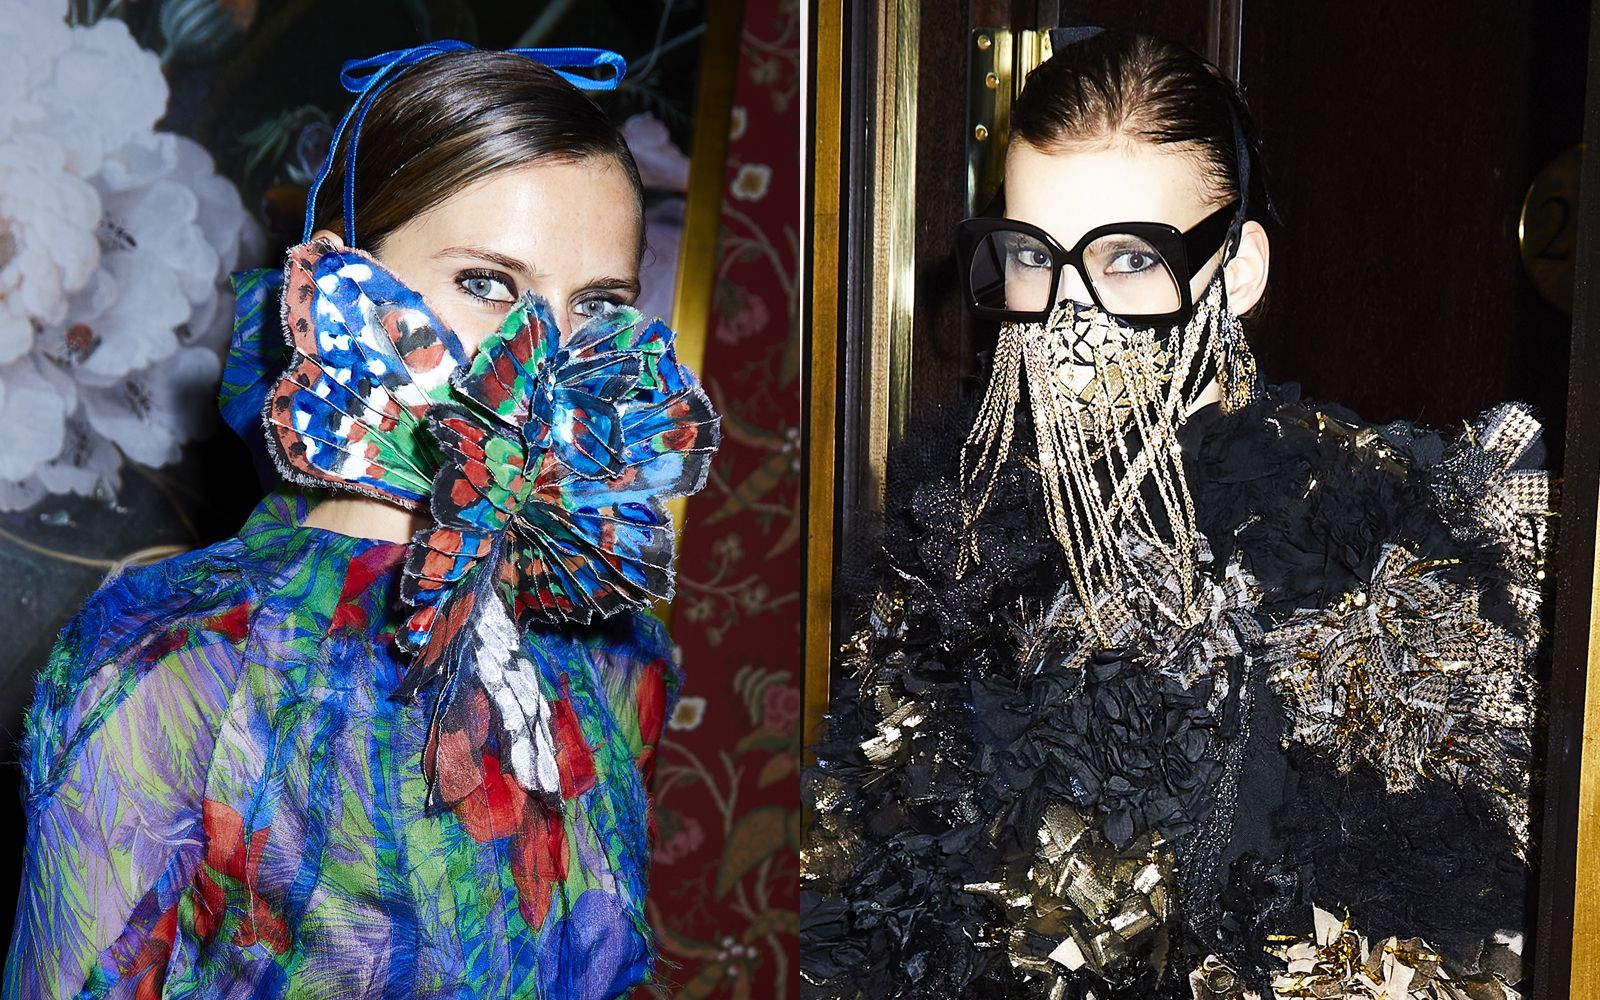 宛如藝術品般的口罩!荷蘭設計師Ronald van der Kemp聯手佳士得Christie's舉行慈善拍賣,29款時尚訂製口罩化作永續宣言